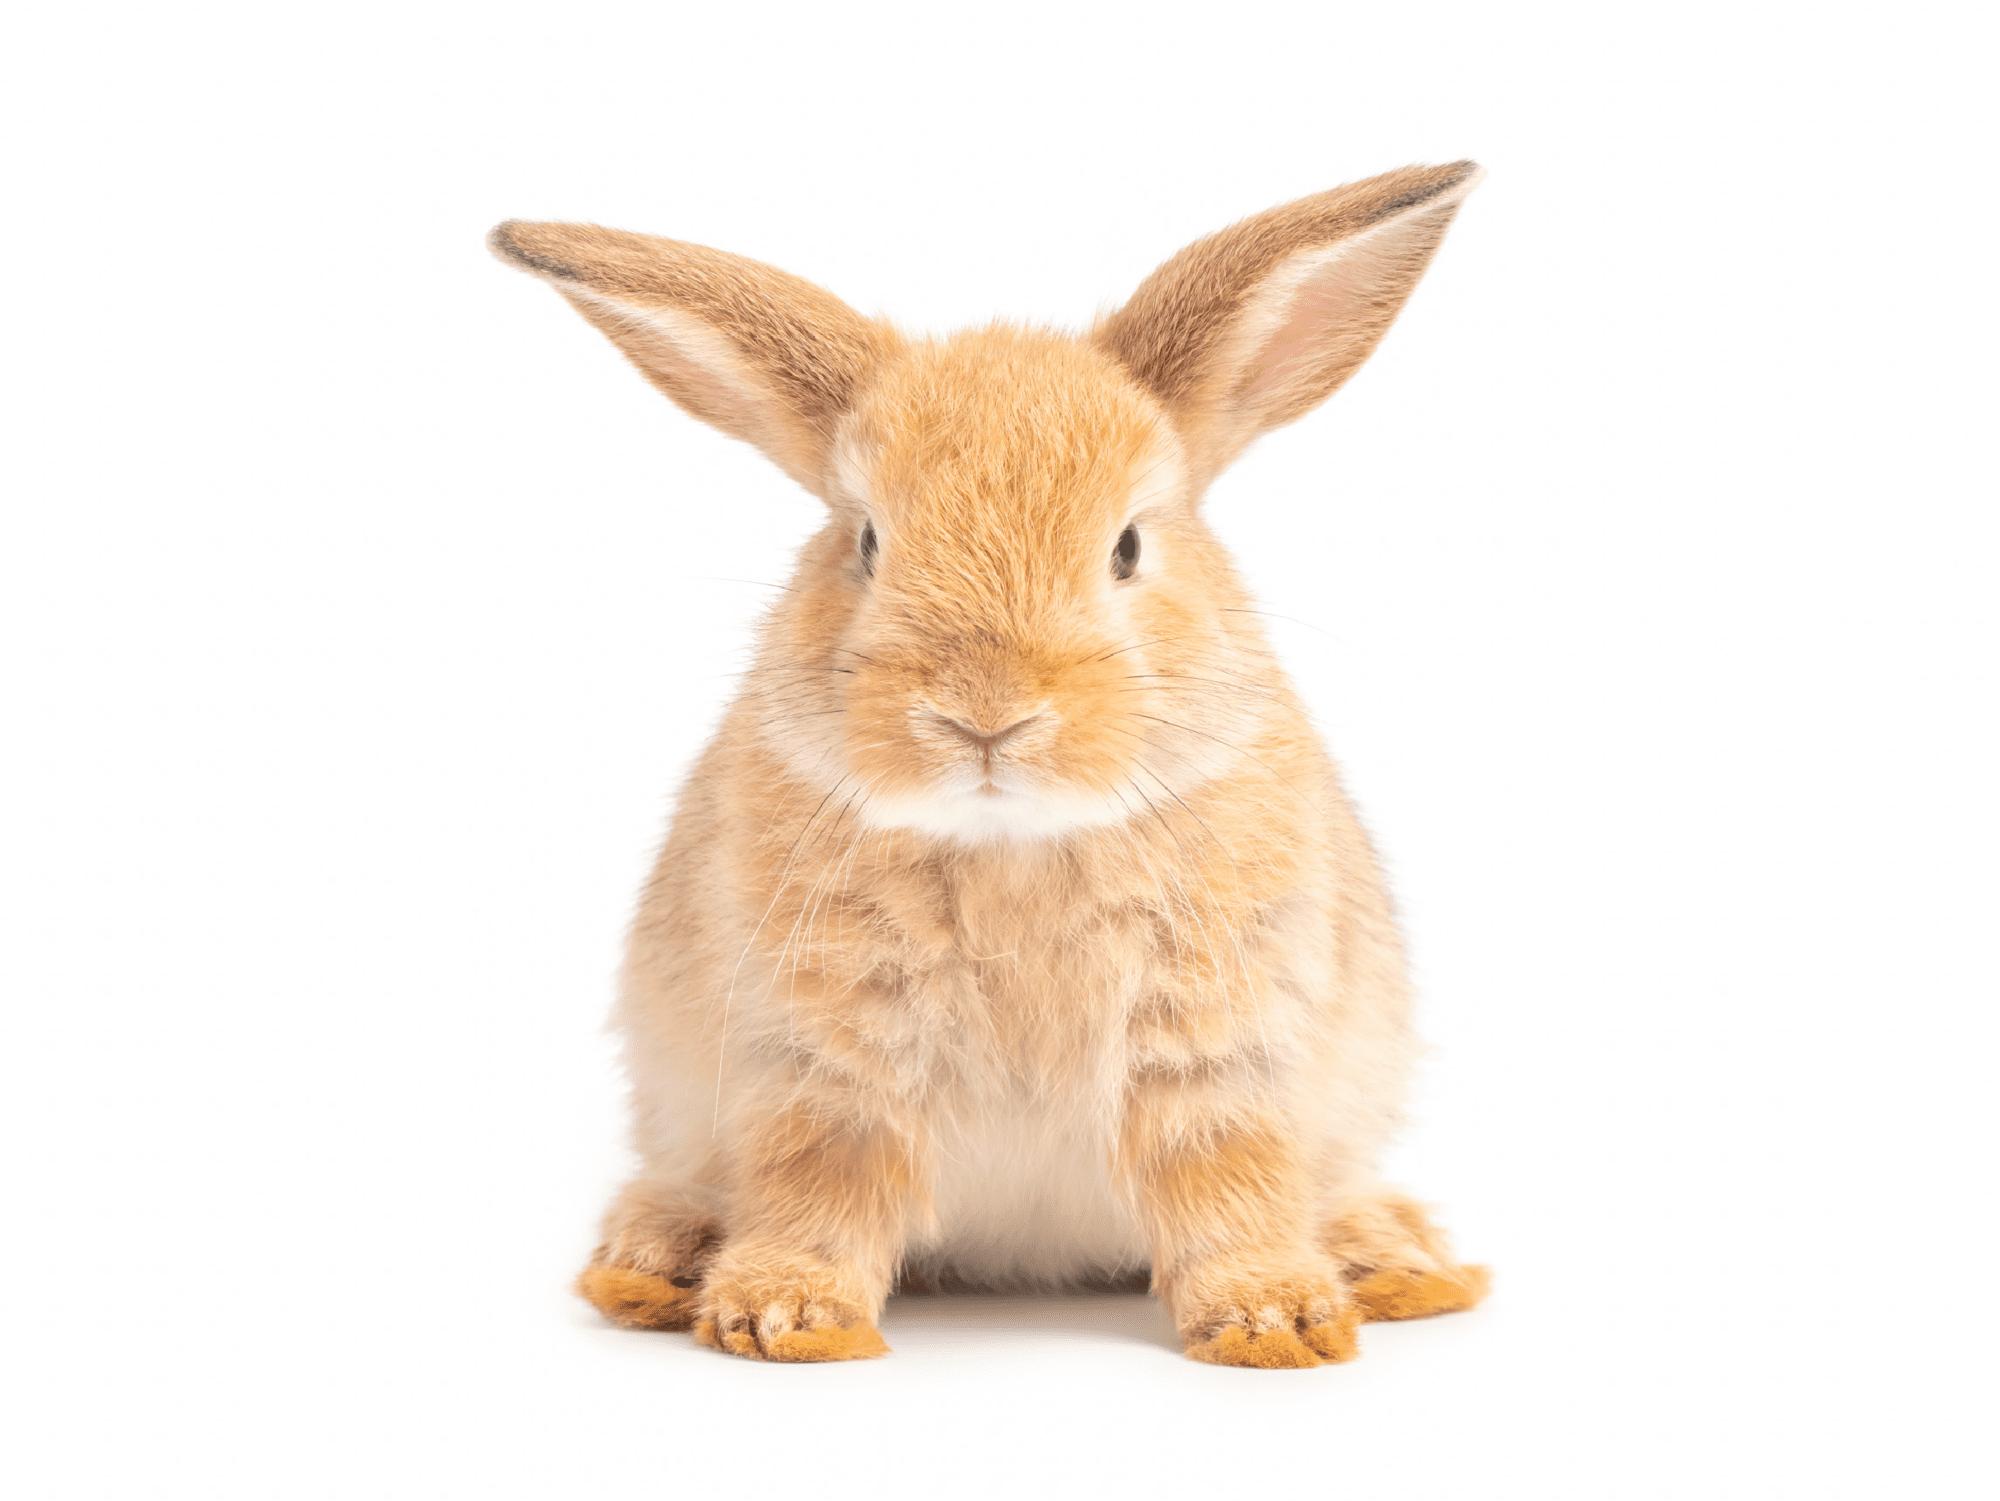 Bunny@2x